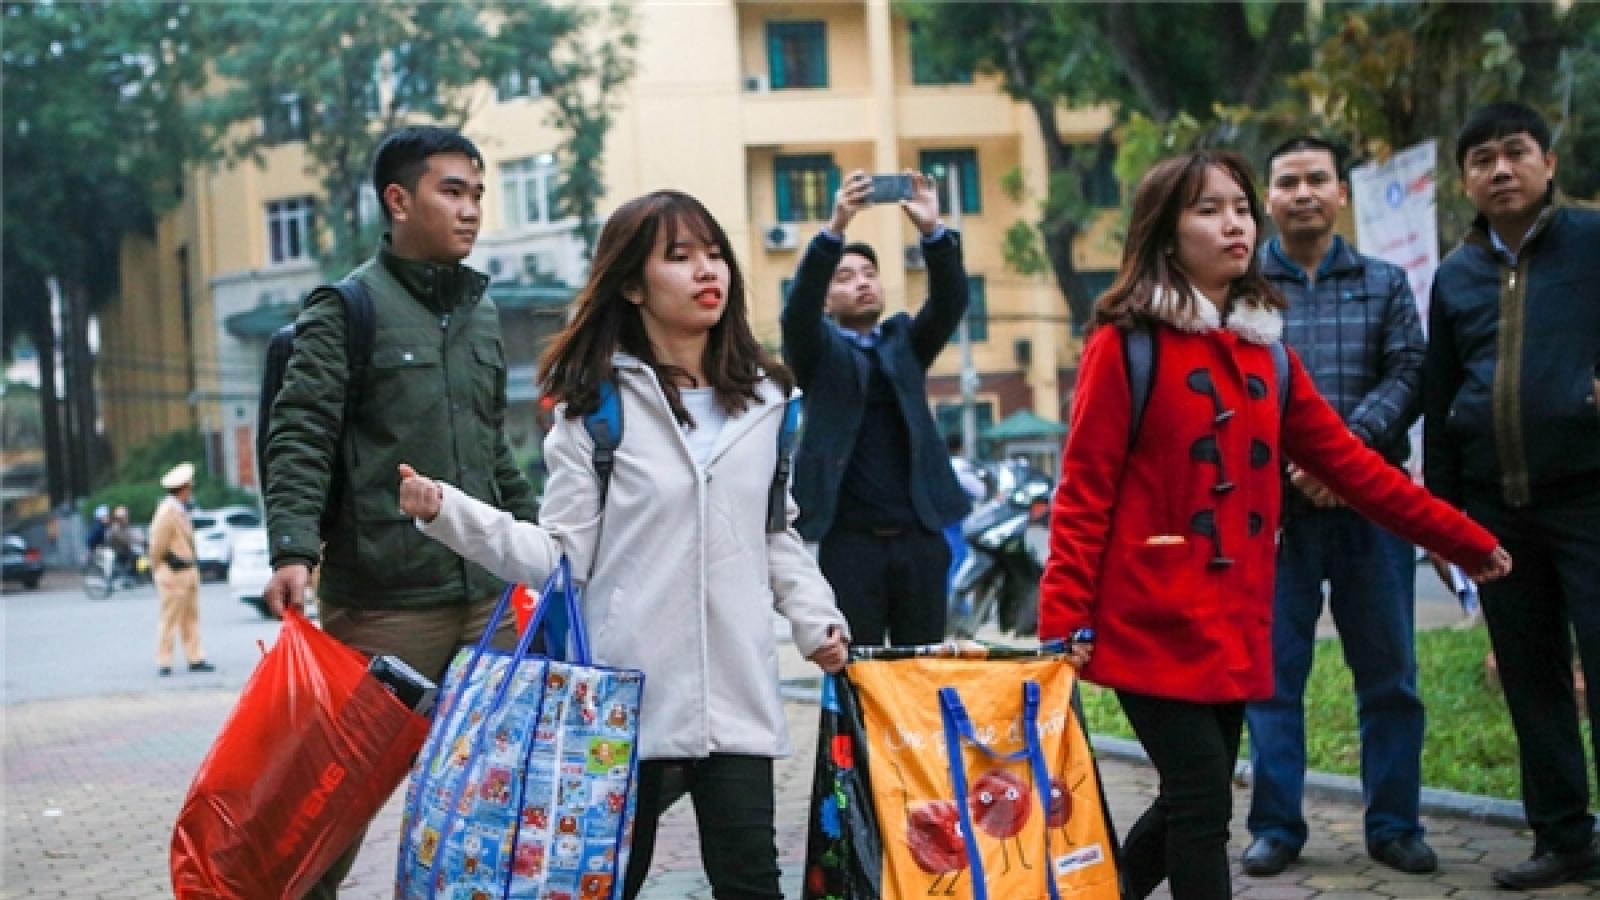 Nhiều sinh viên đại học được nghỉ Tết Nguyên đán gần 1 tháng